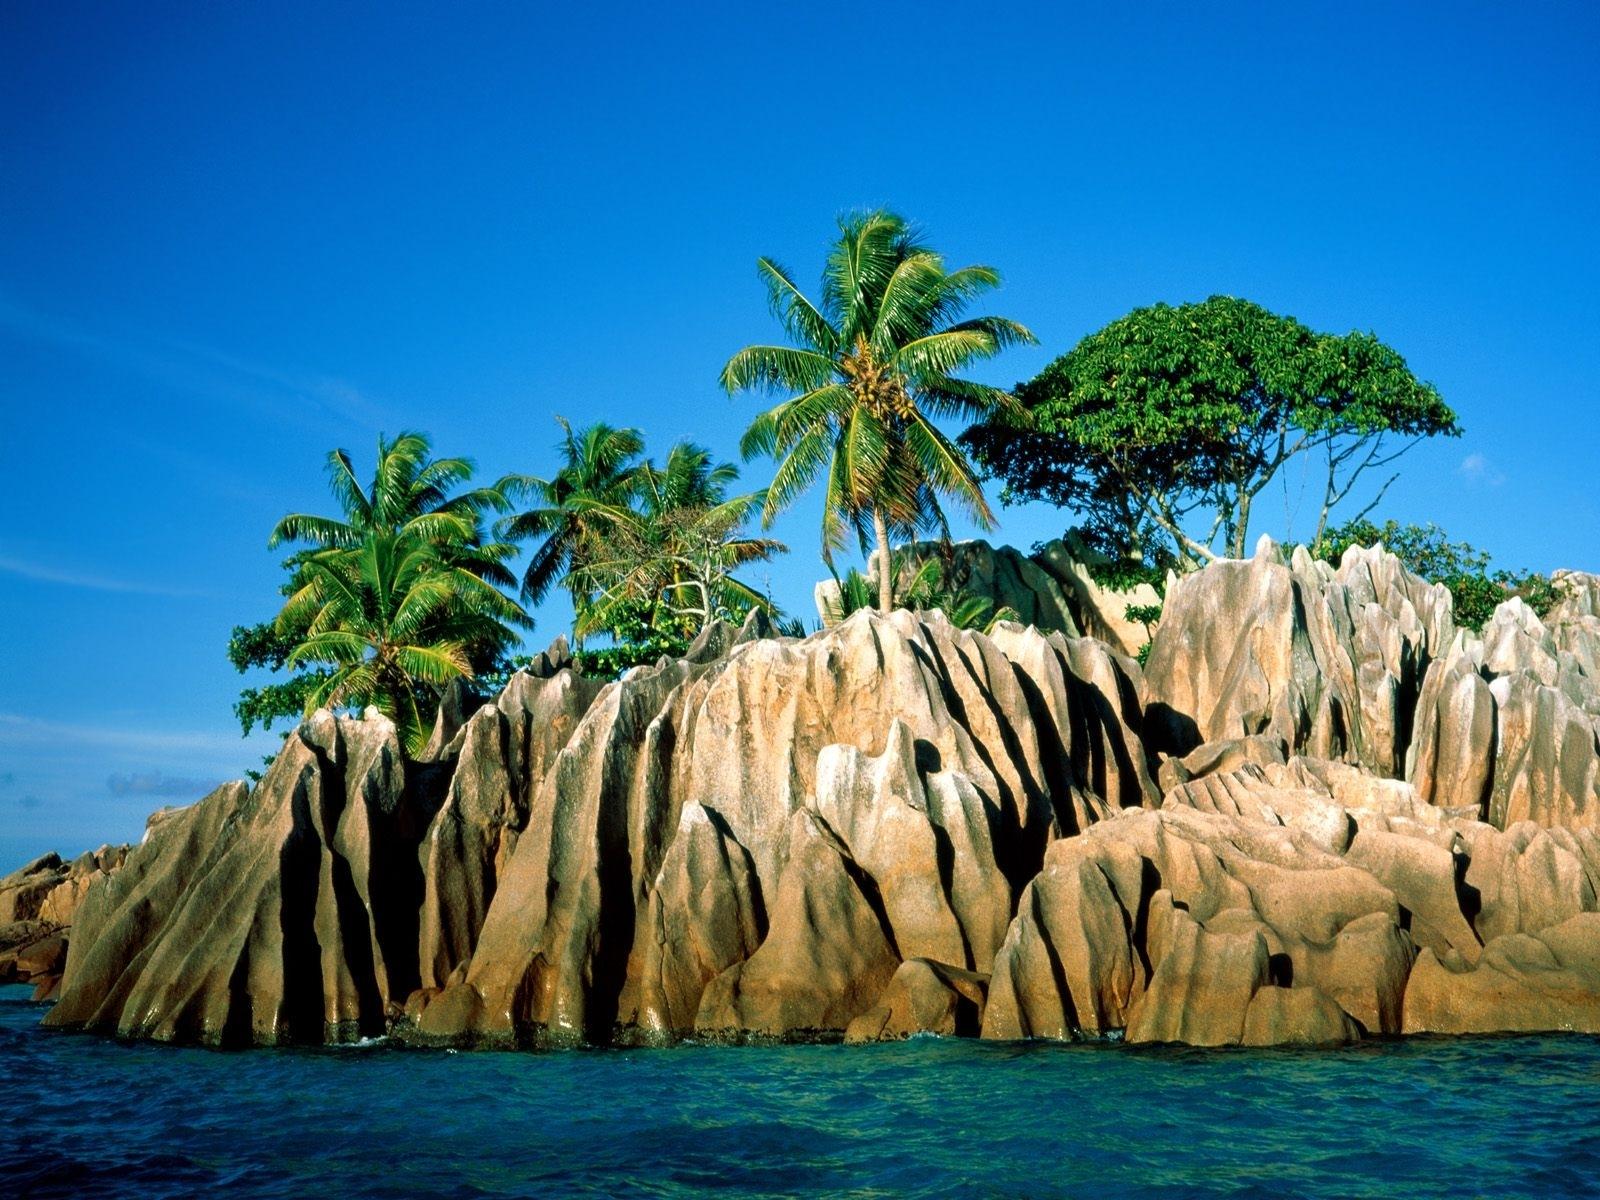 3945 скачать обои Пейзаж, Деревья, Горы, Море, Пальмы - заставки и картинки бесплатно